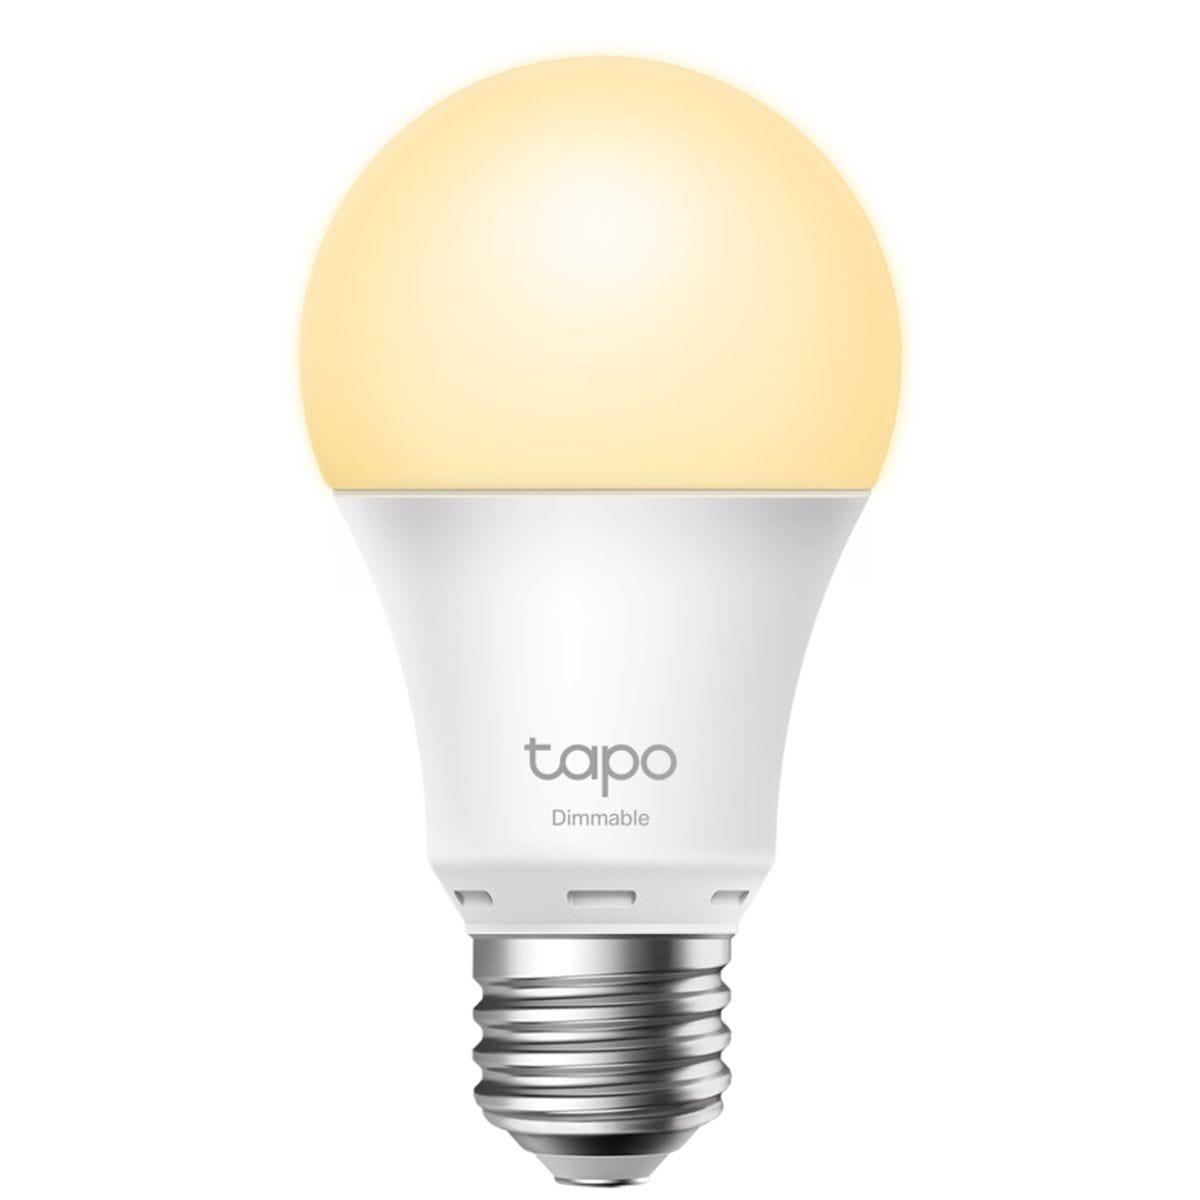 TP-Link Tapo L510E E27 LED Smart Light Bulb